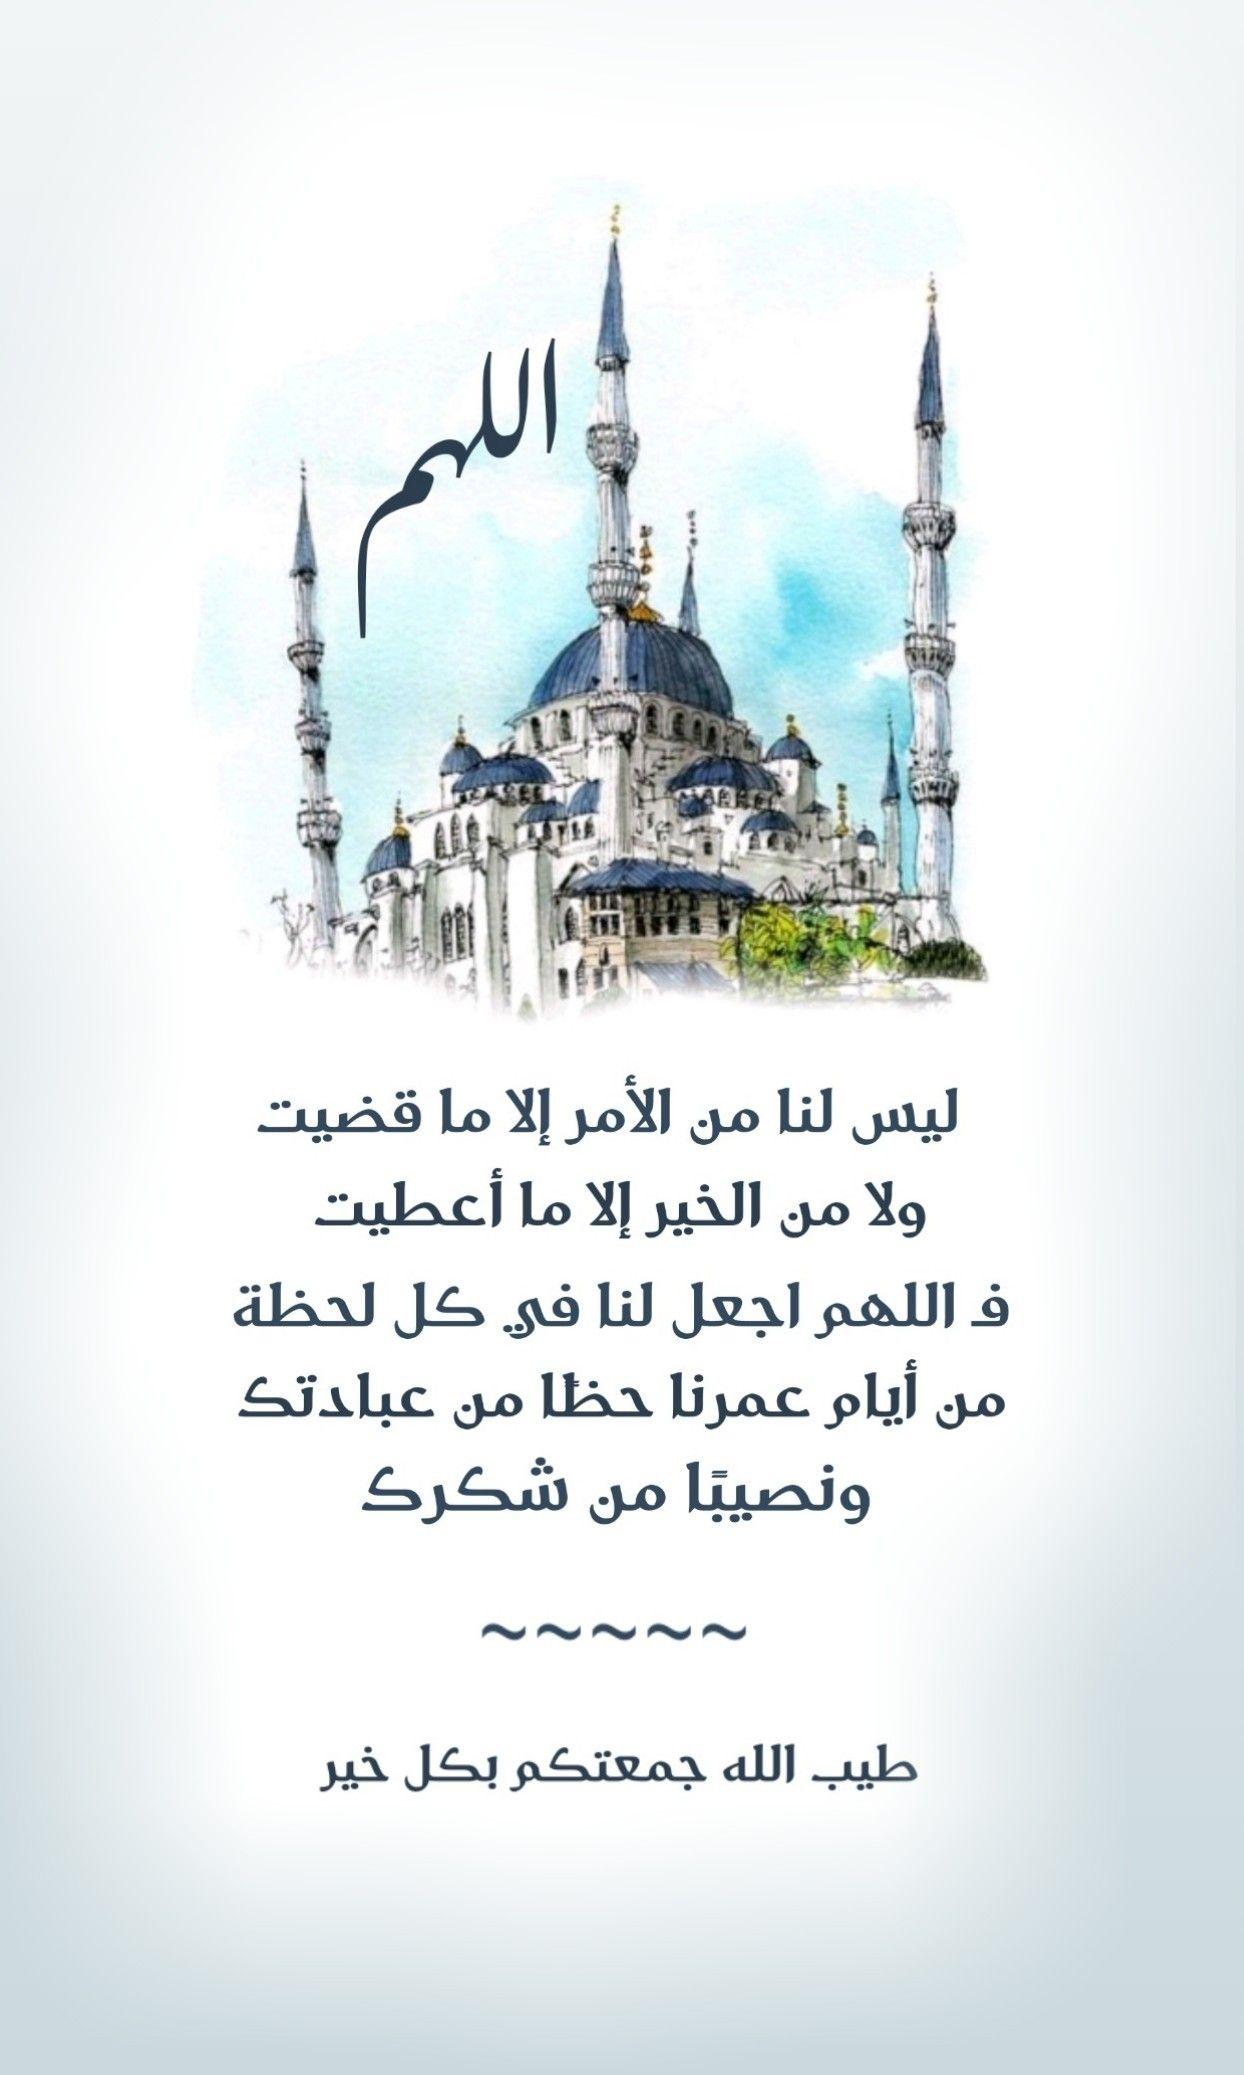 اللهم ليس لنا من الأمر إلا ما قضيت ولا من الخير إلا ما أعطيت فـ اللهم اجعل لنا في كل لحظة من أيام عمرنا Islam Facts Blessed Friday Islamic Quotes Quran